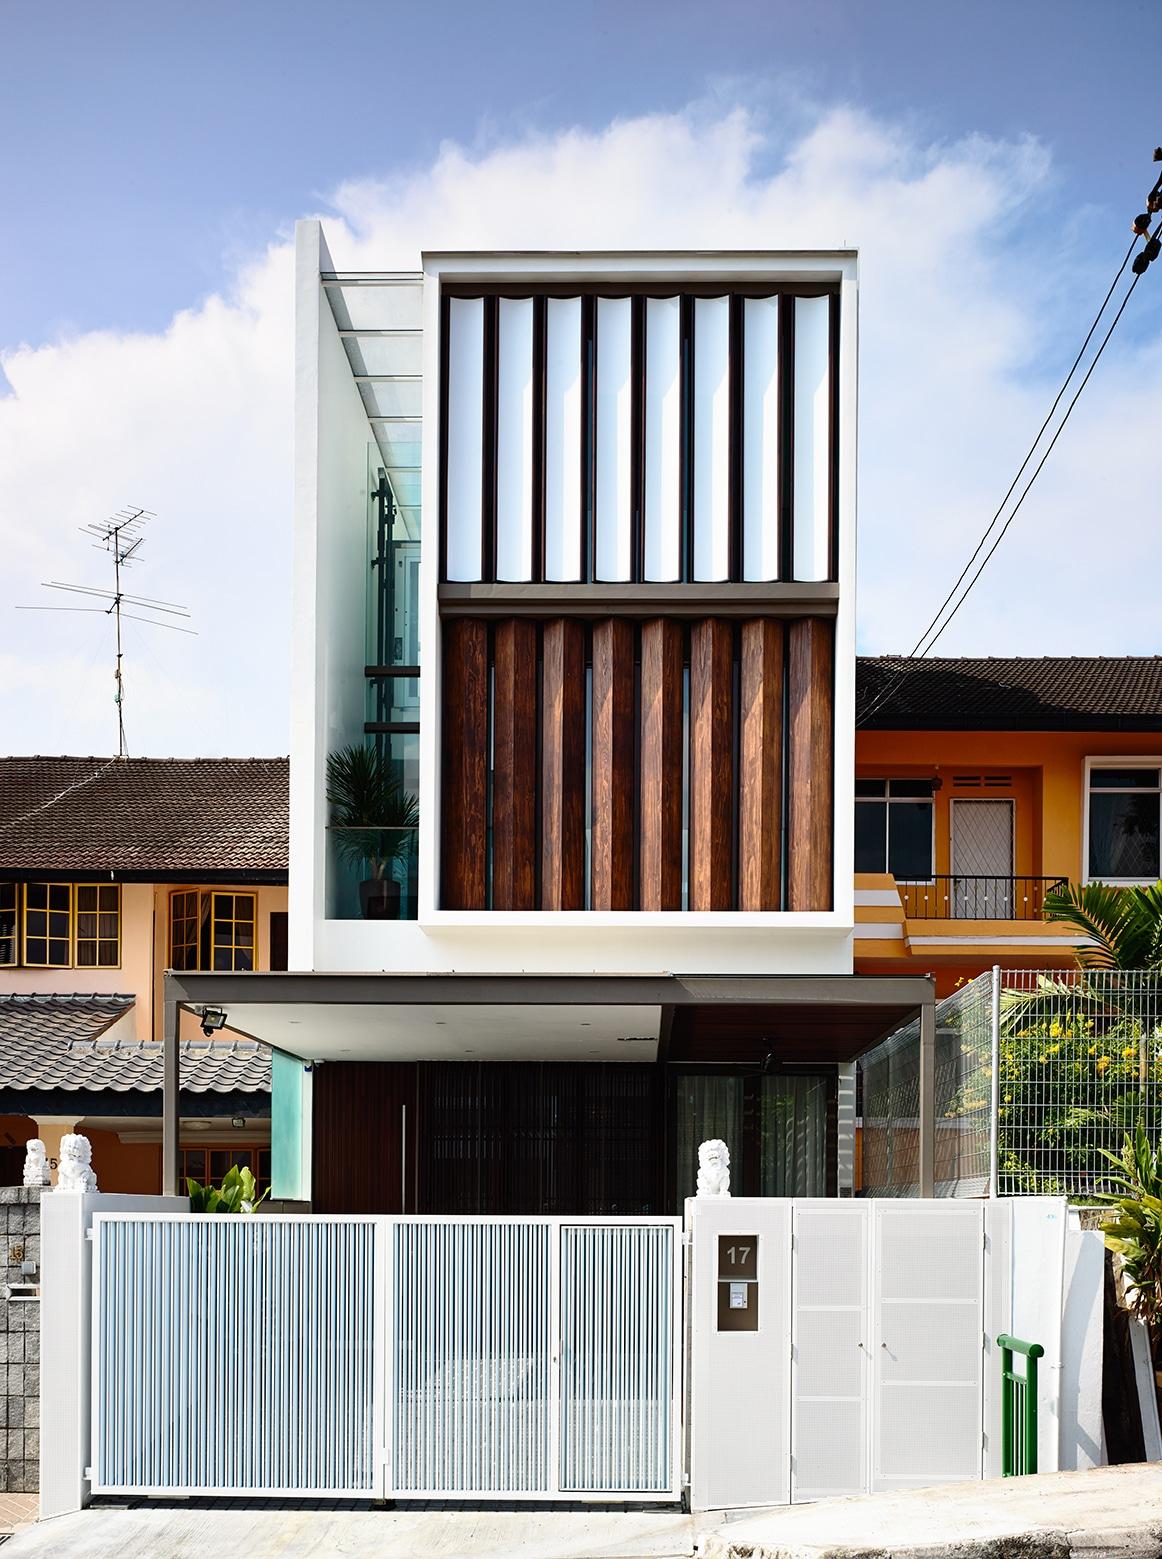 Planos de casa angosta y larga tres pisos for Fachada de casas modernas